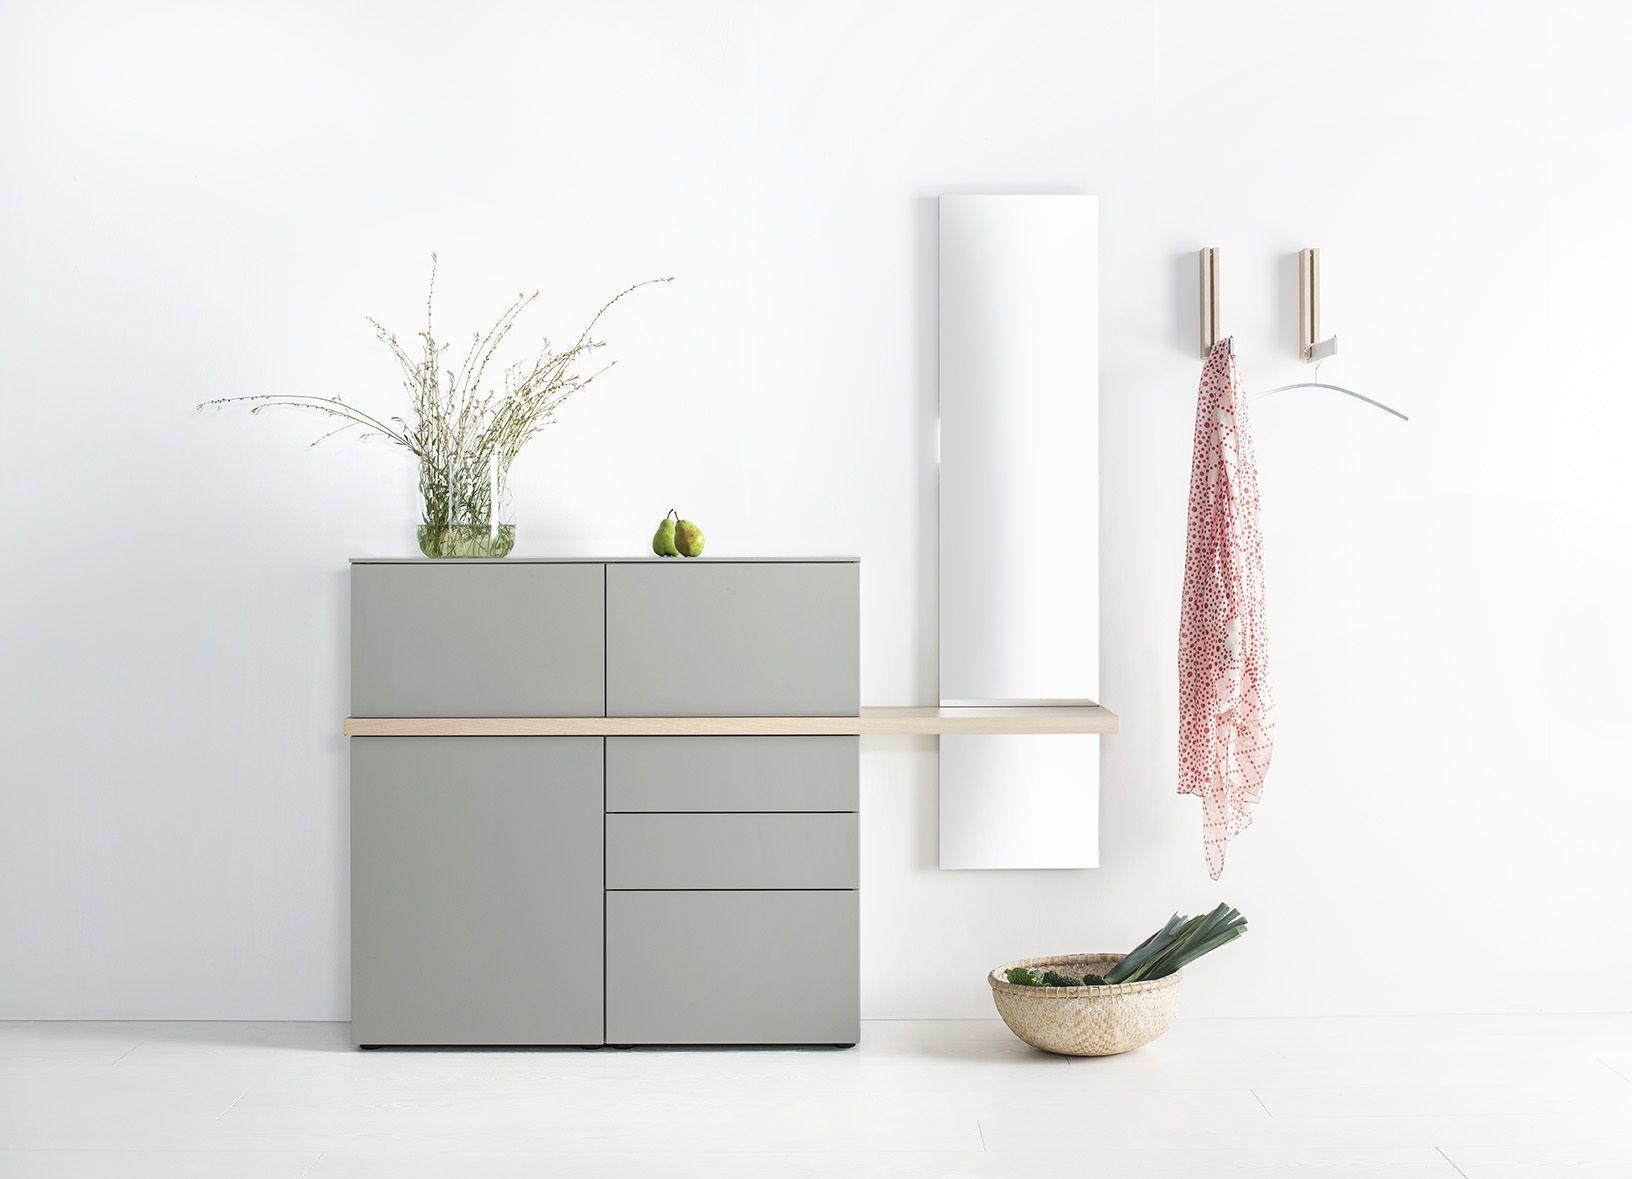 Garderobe Sudbrock TANDO Spiegel Schuhschrank Eiche Lack Flur Diele Board Ablage Designboard Klapphaken